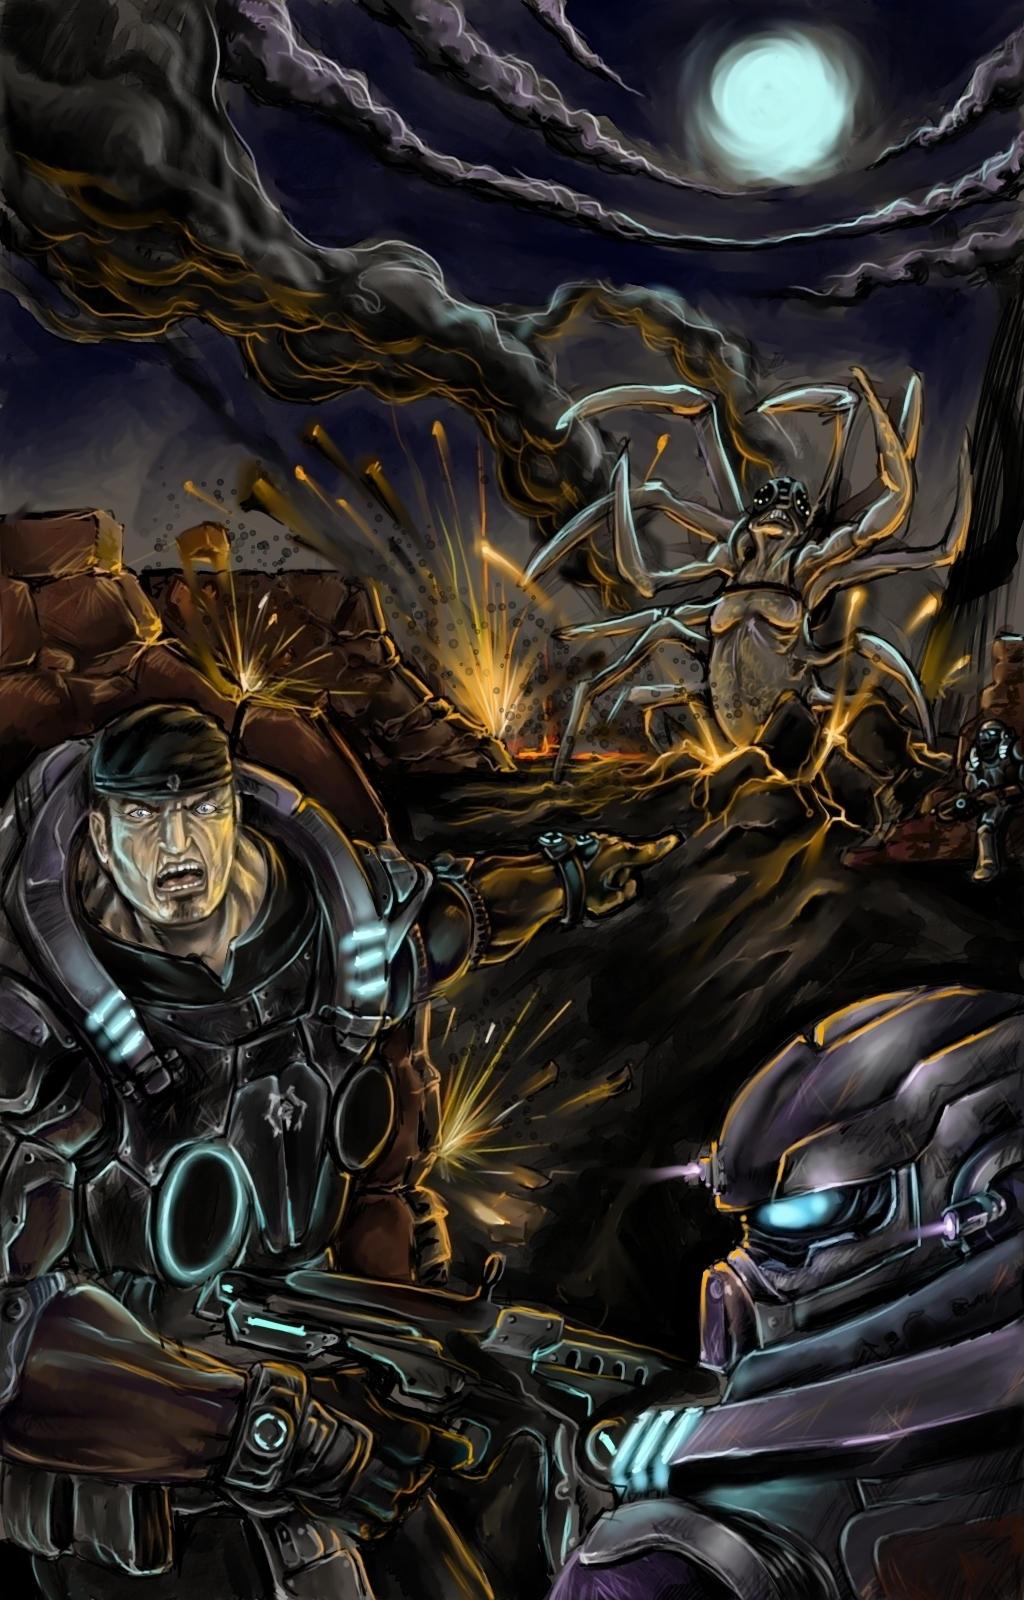 Gears of war by RNZZZ